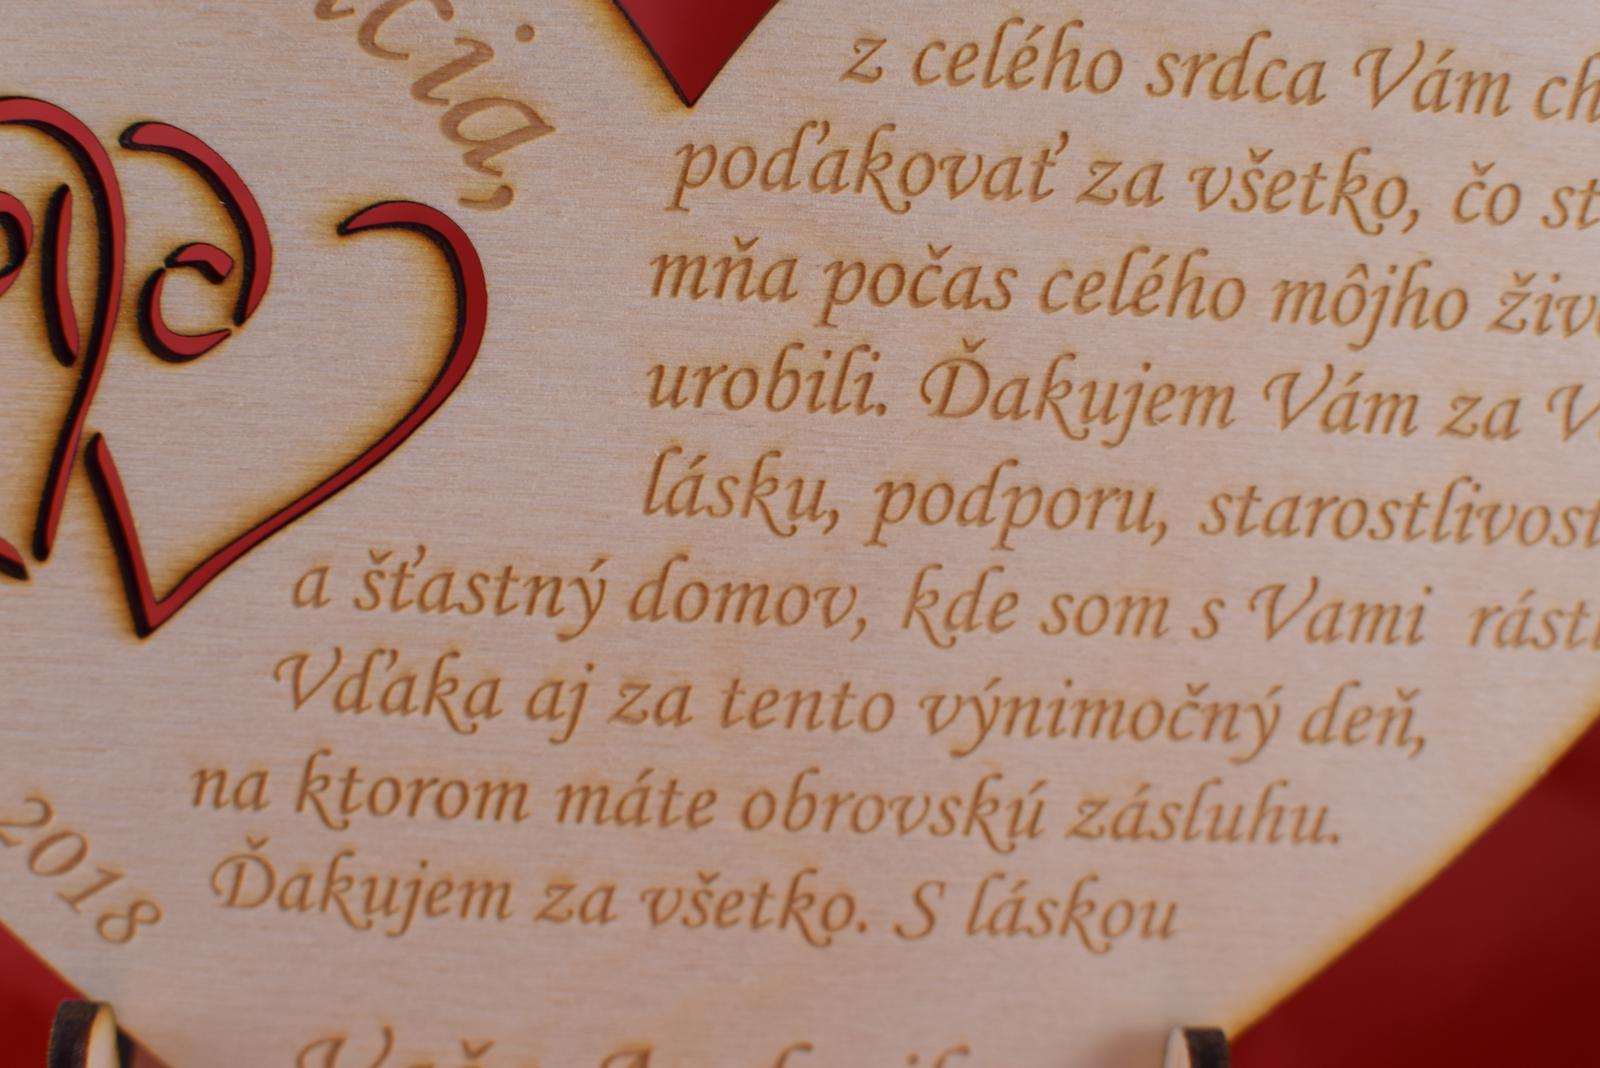 Poďakovanie rodičom drevené srdiečko 46 - Obrázok č. 2